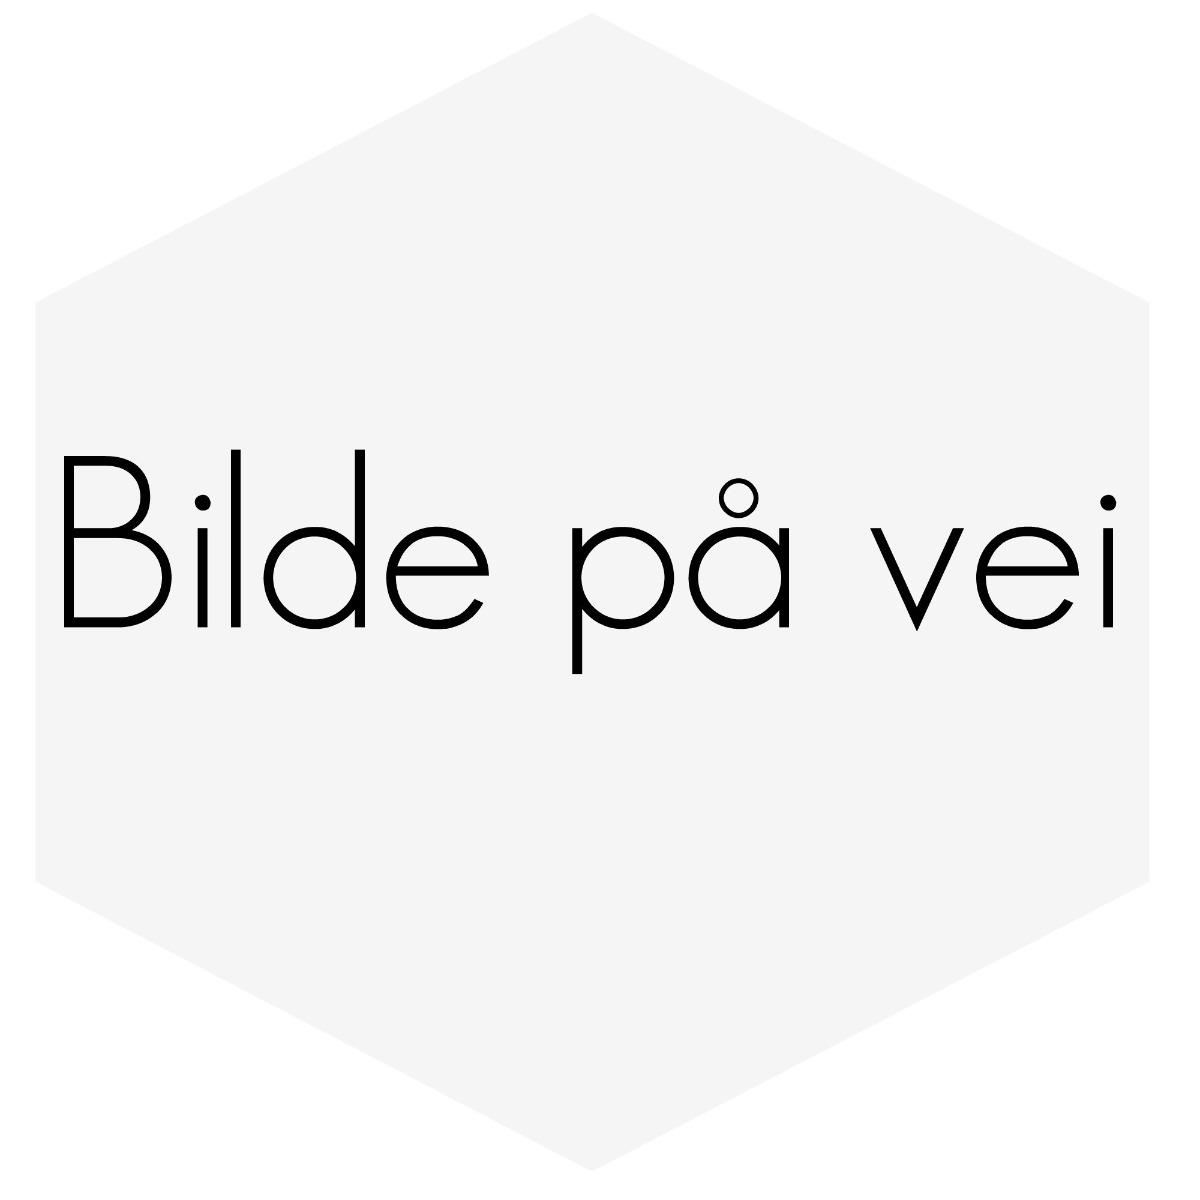 LAMBDASONDE VOLVO 740, M.M. 2STIKK. 3LEDN, 2HVIT. SORT